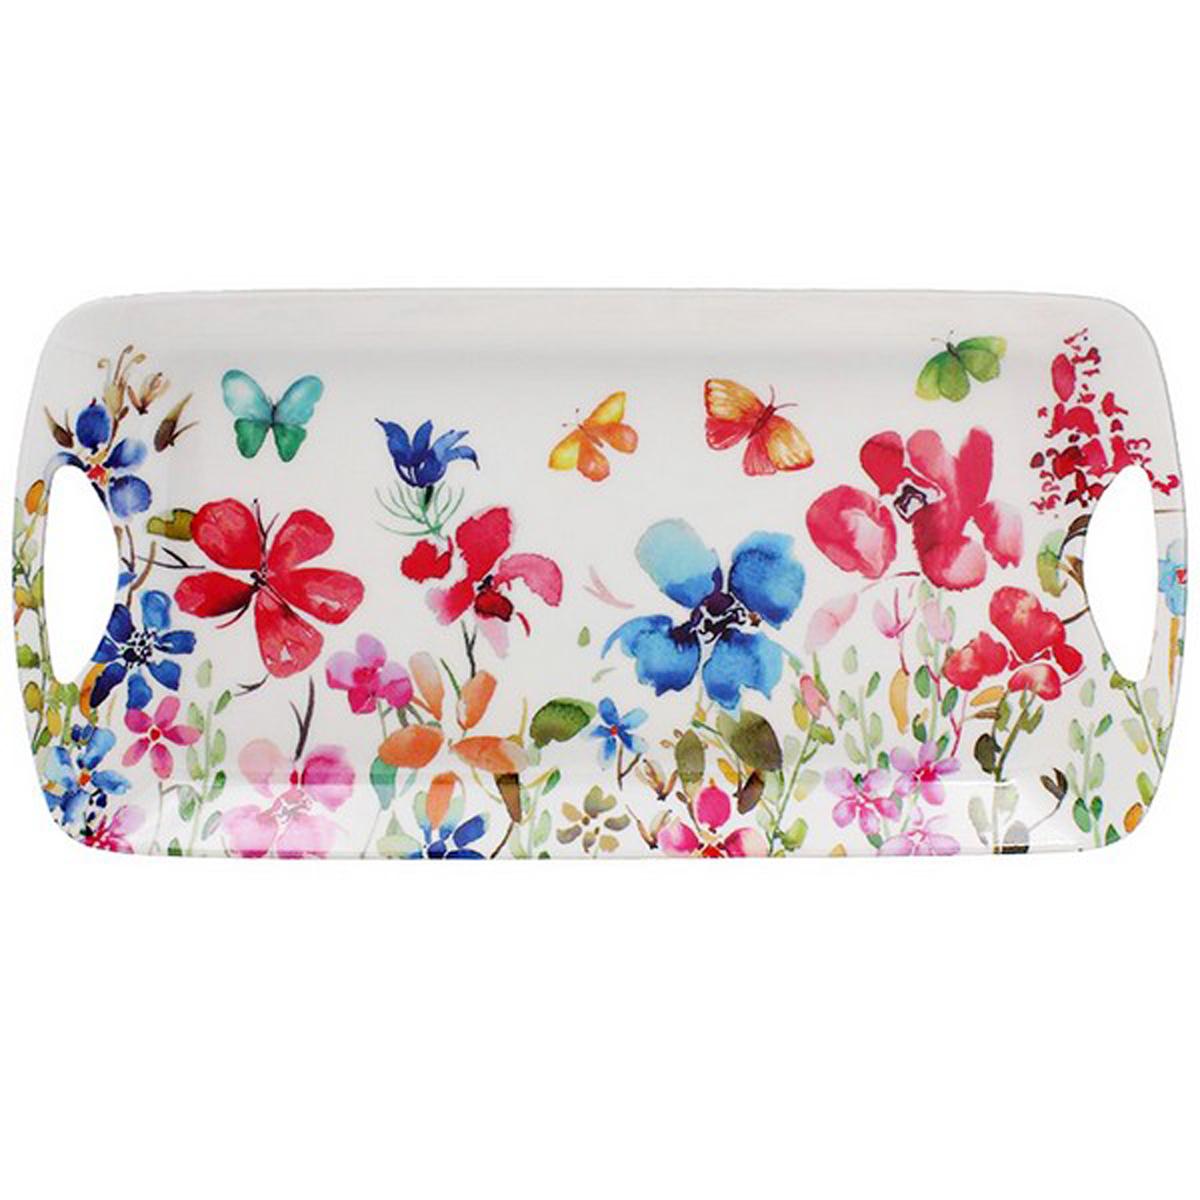 Plateau à cake mélamine \'Butterfly Meadow\' blanc multicolore - 405x20x3 cm - [A0191]